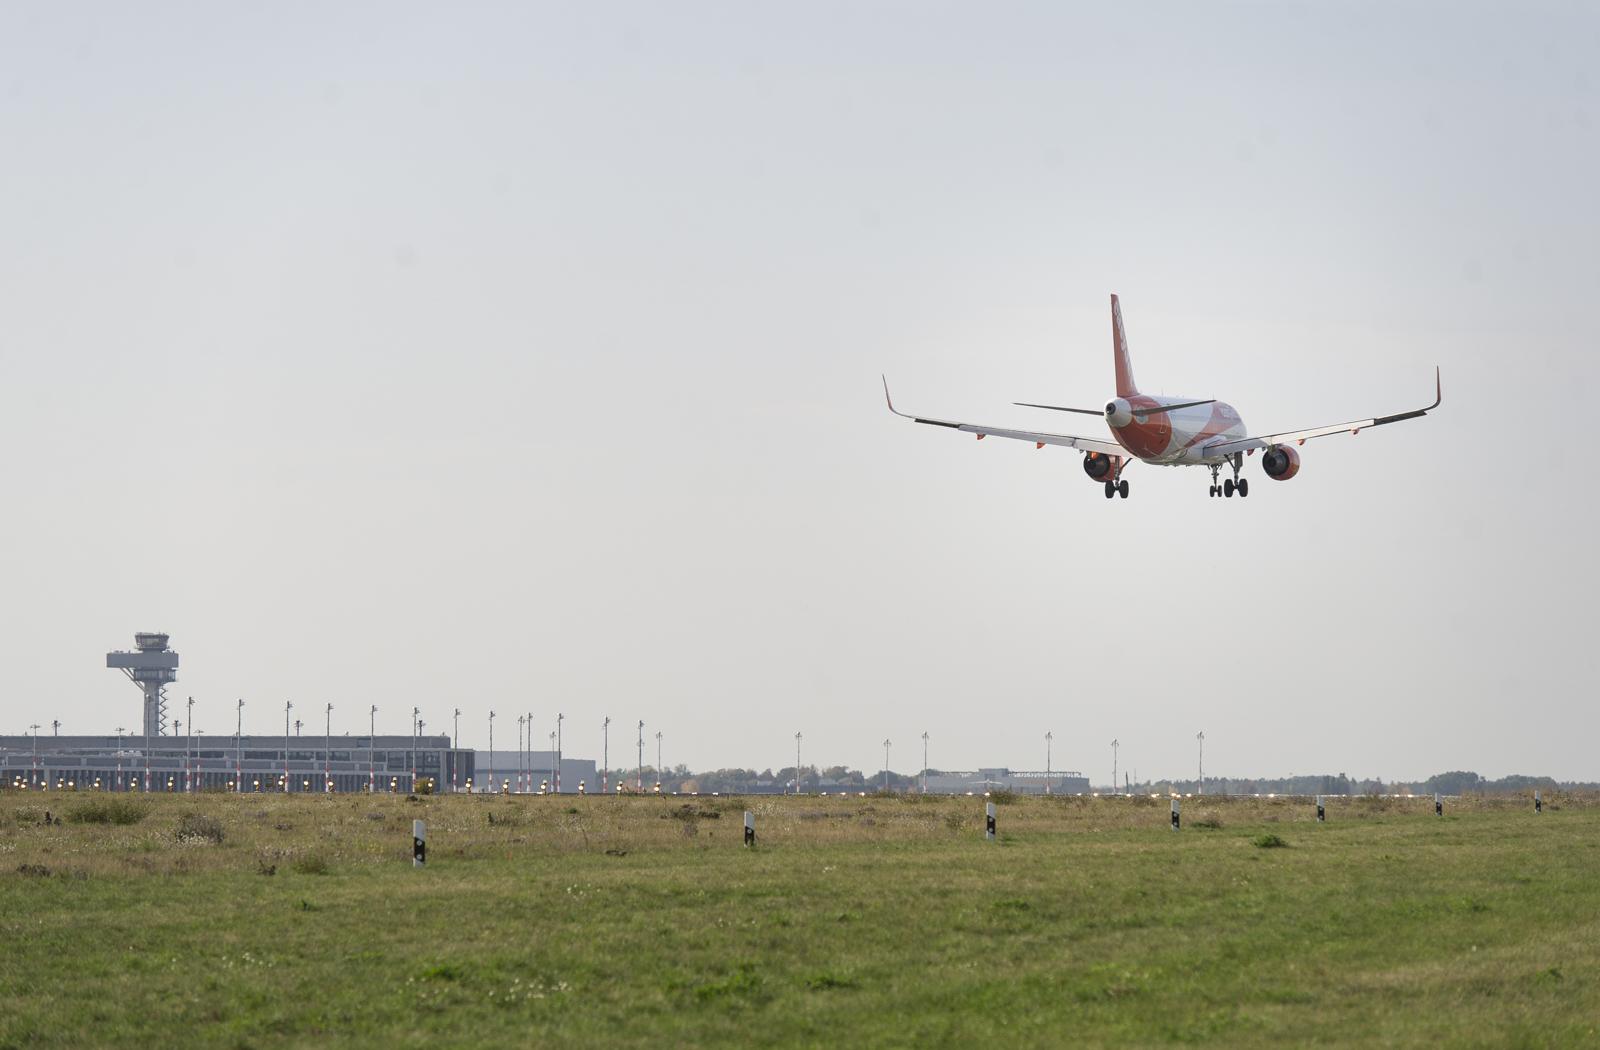 Ein Flugzeug hebt ab. Credit: © Flughafen Berlin Brandenburg GmbH / Annika Bauer